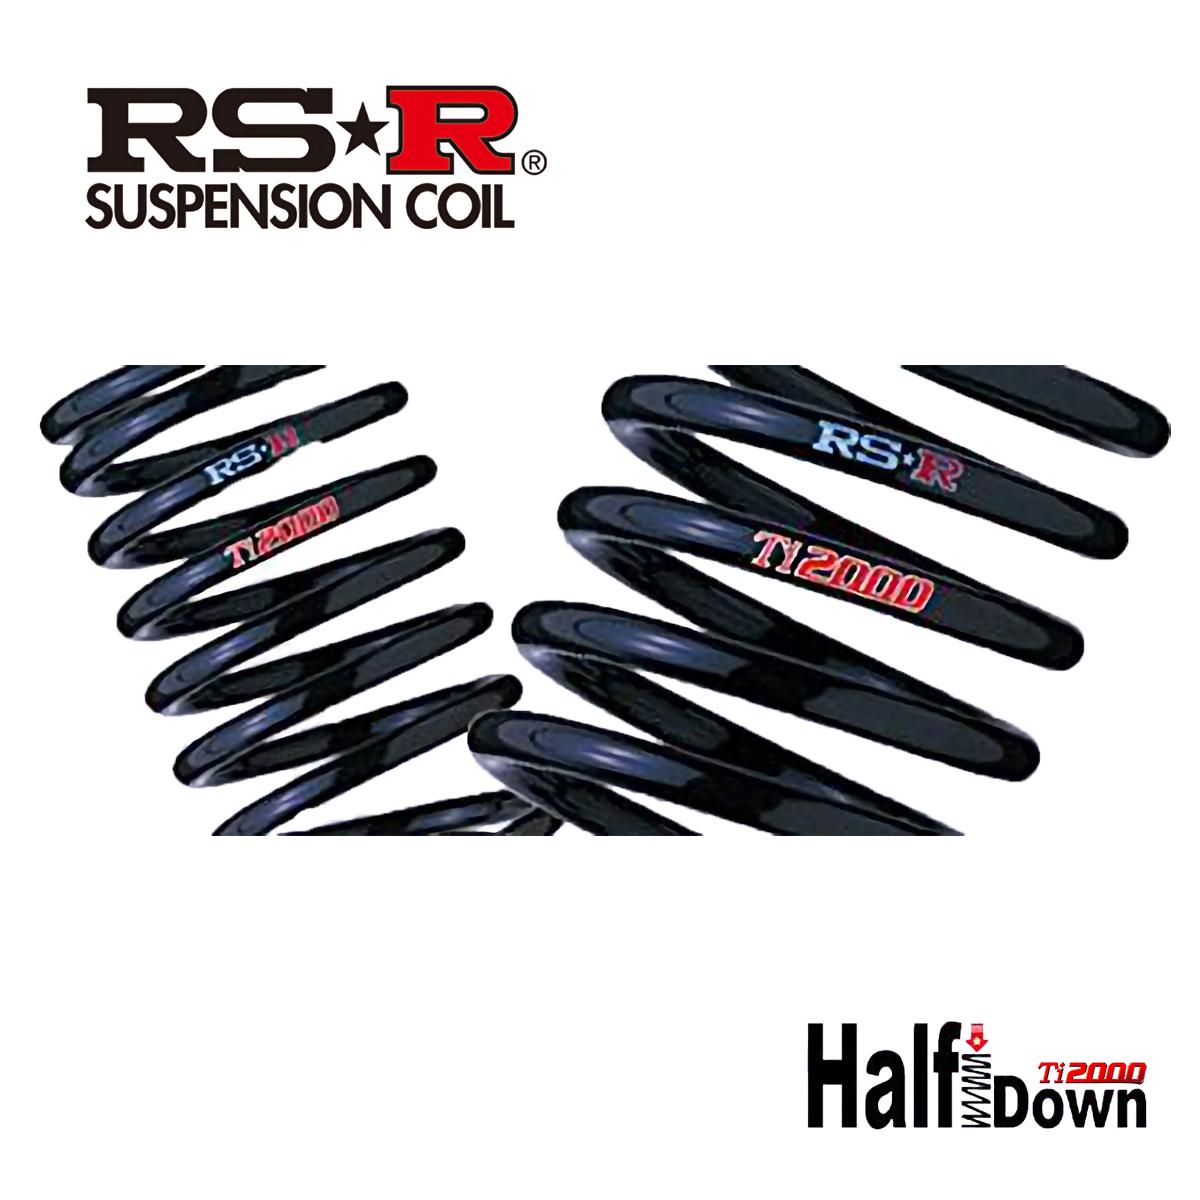 RS-R ステップワゴンスパーダ スパーダクールスピリット RP4 ダウンサス スプリング リアのみ H785TWR Ti2000 ダウン RSR 個人宅発送追金有